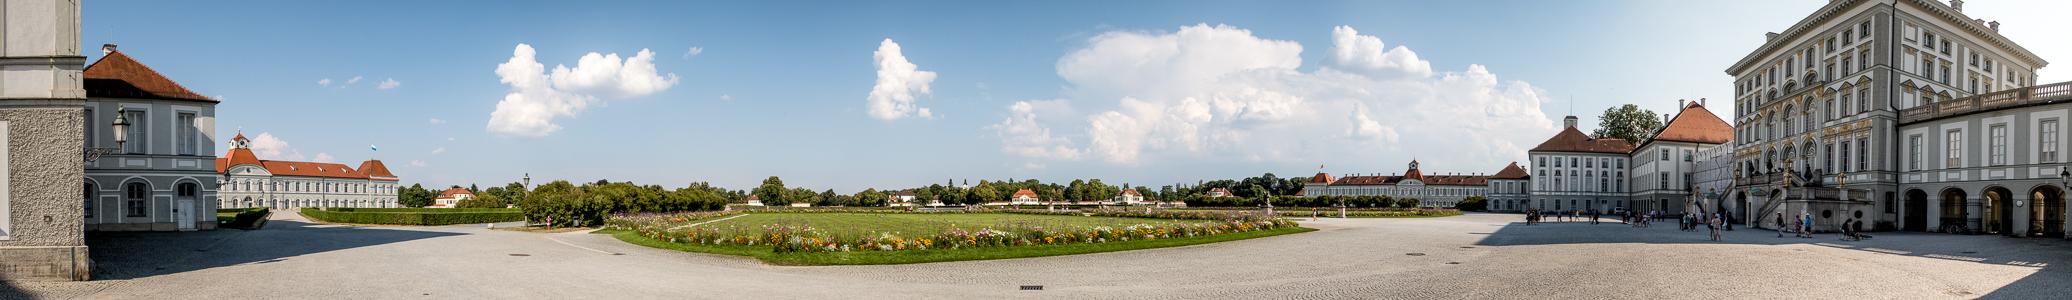 Schloss Nymphenburg: Schlossrondell München